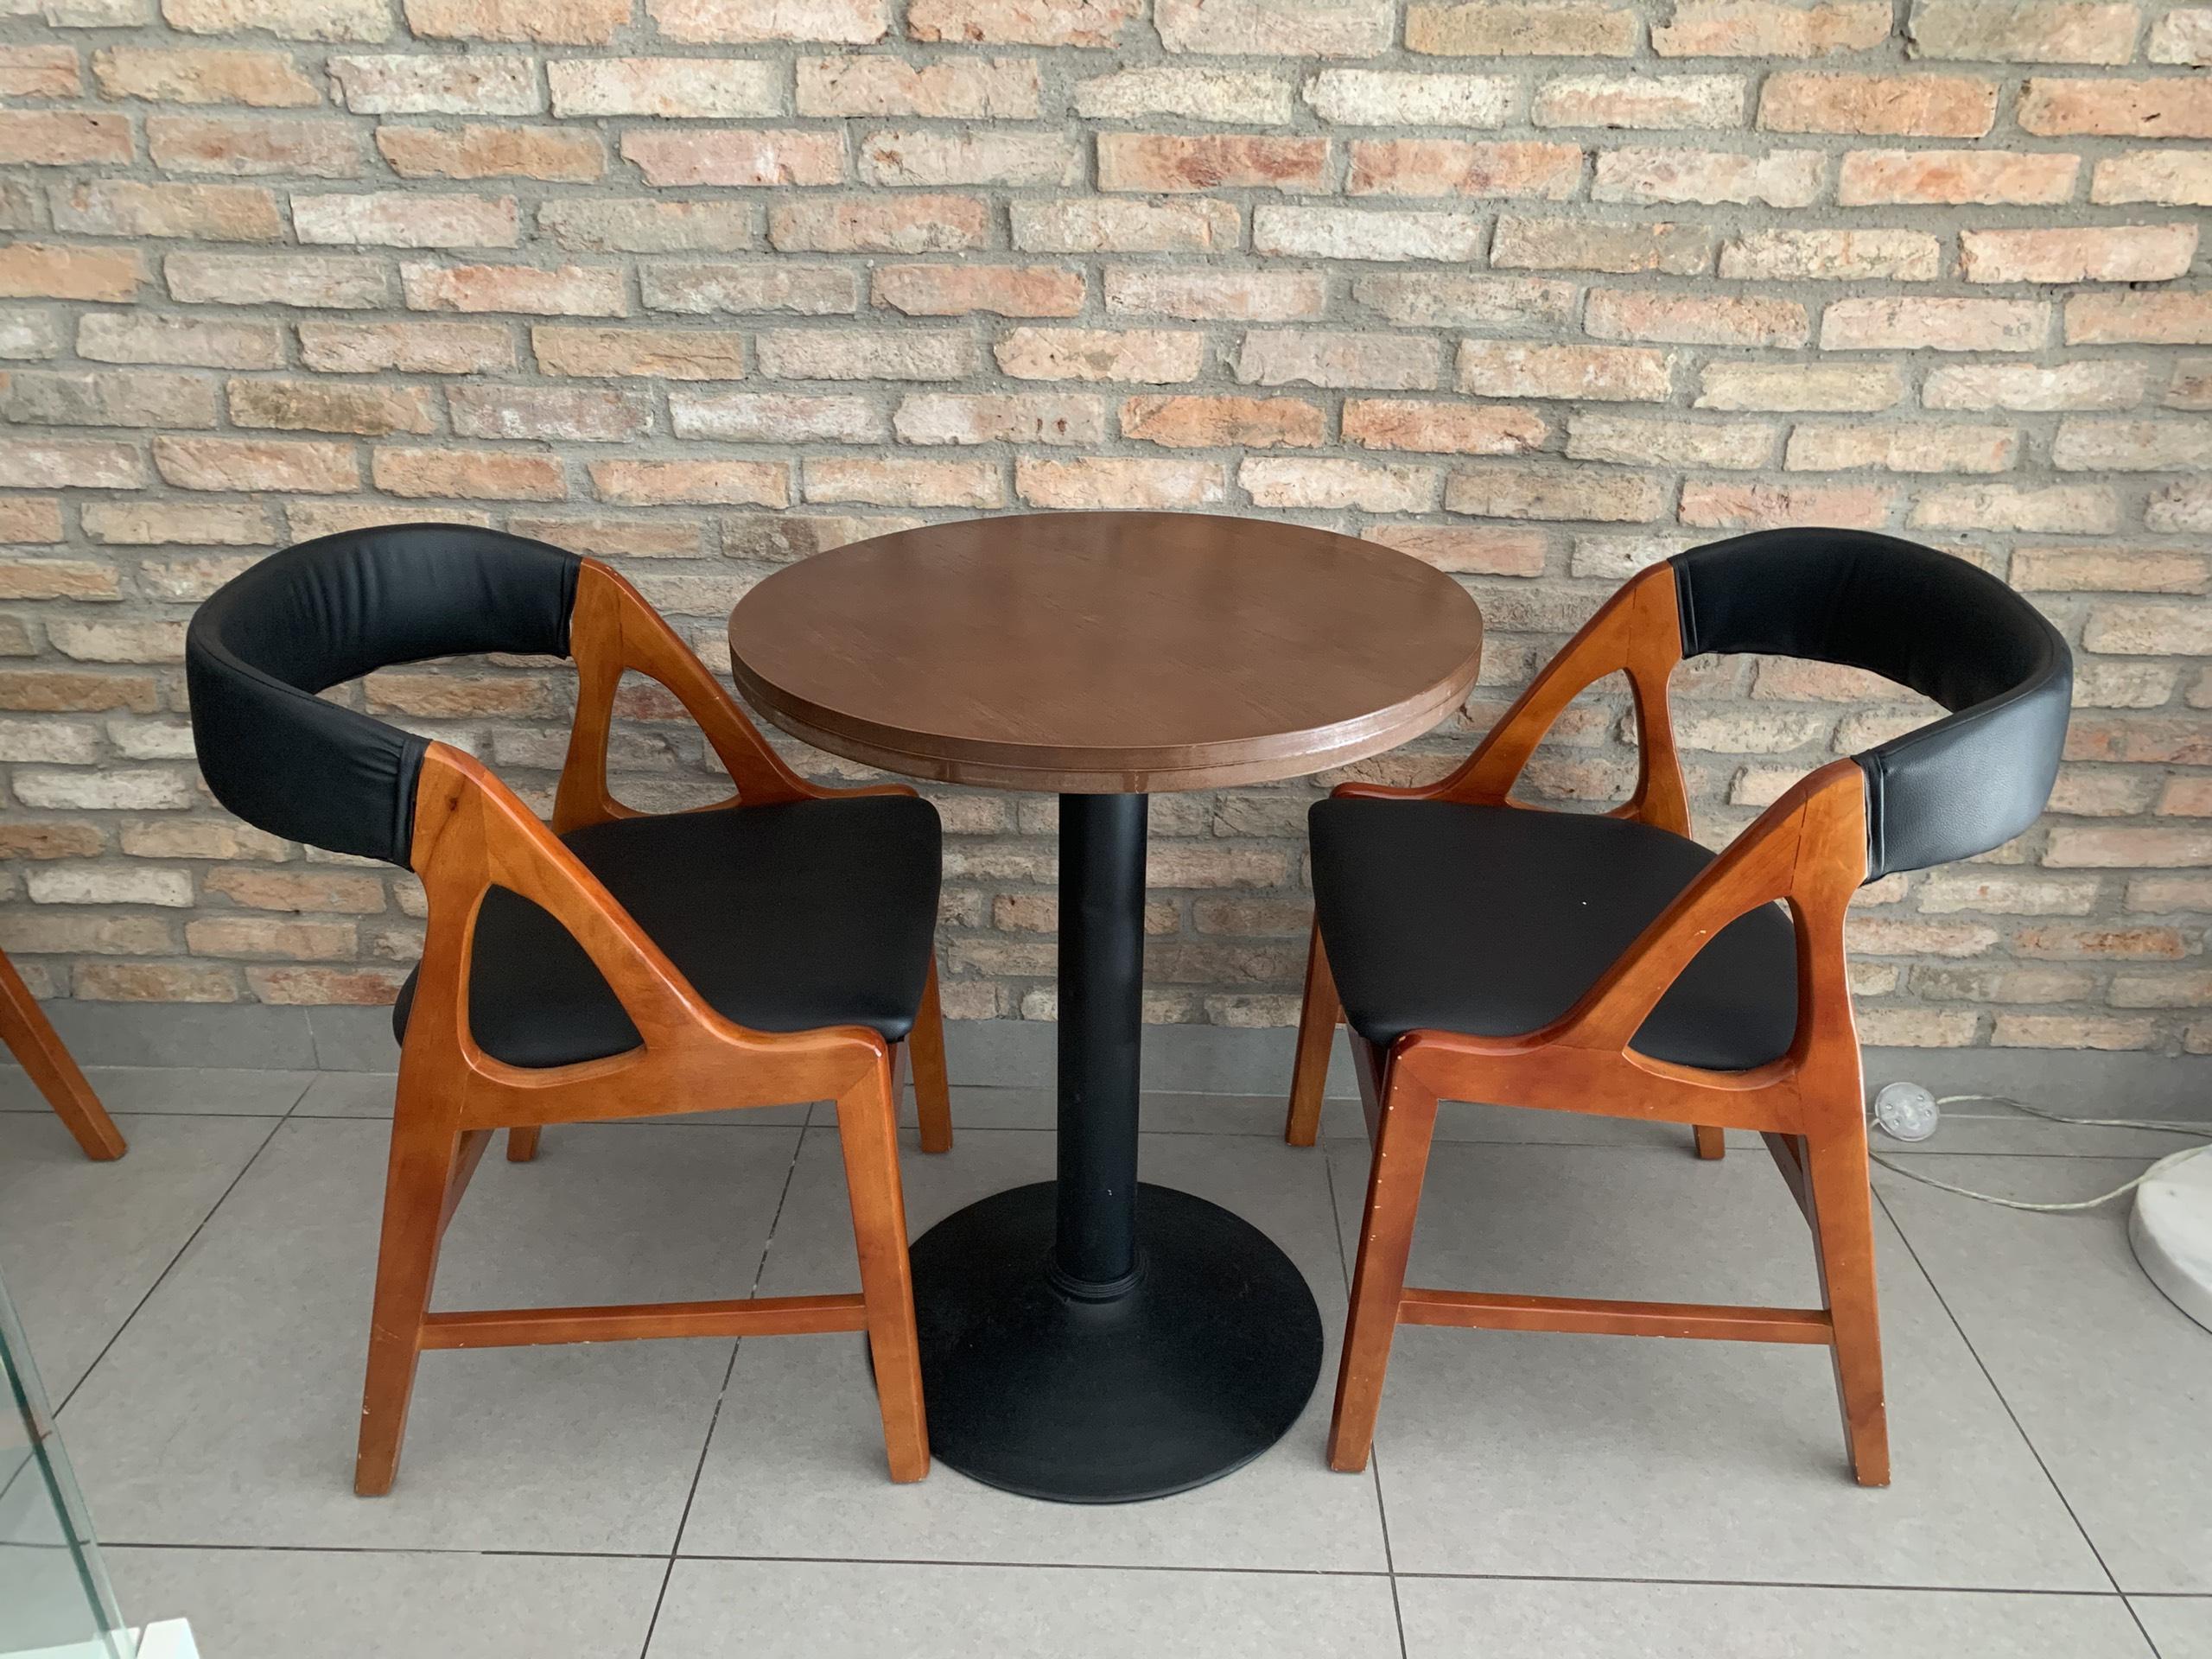 1 Bàn + 2 ghế cafe giá rẻ thanh lý SP0010223